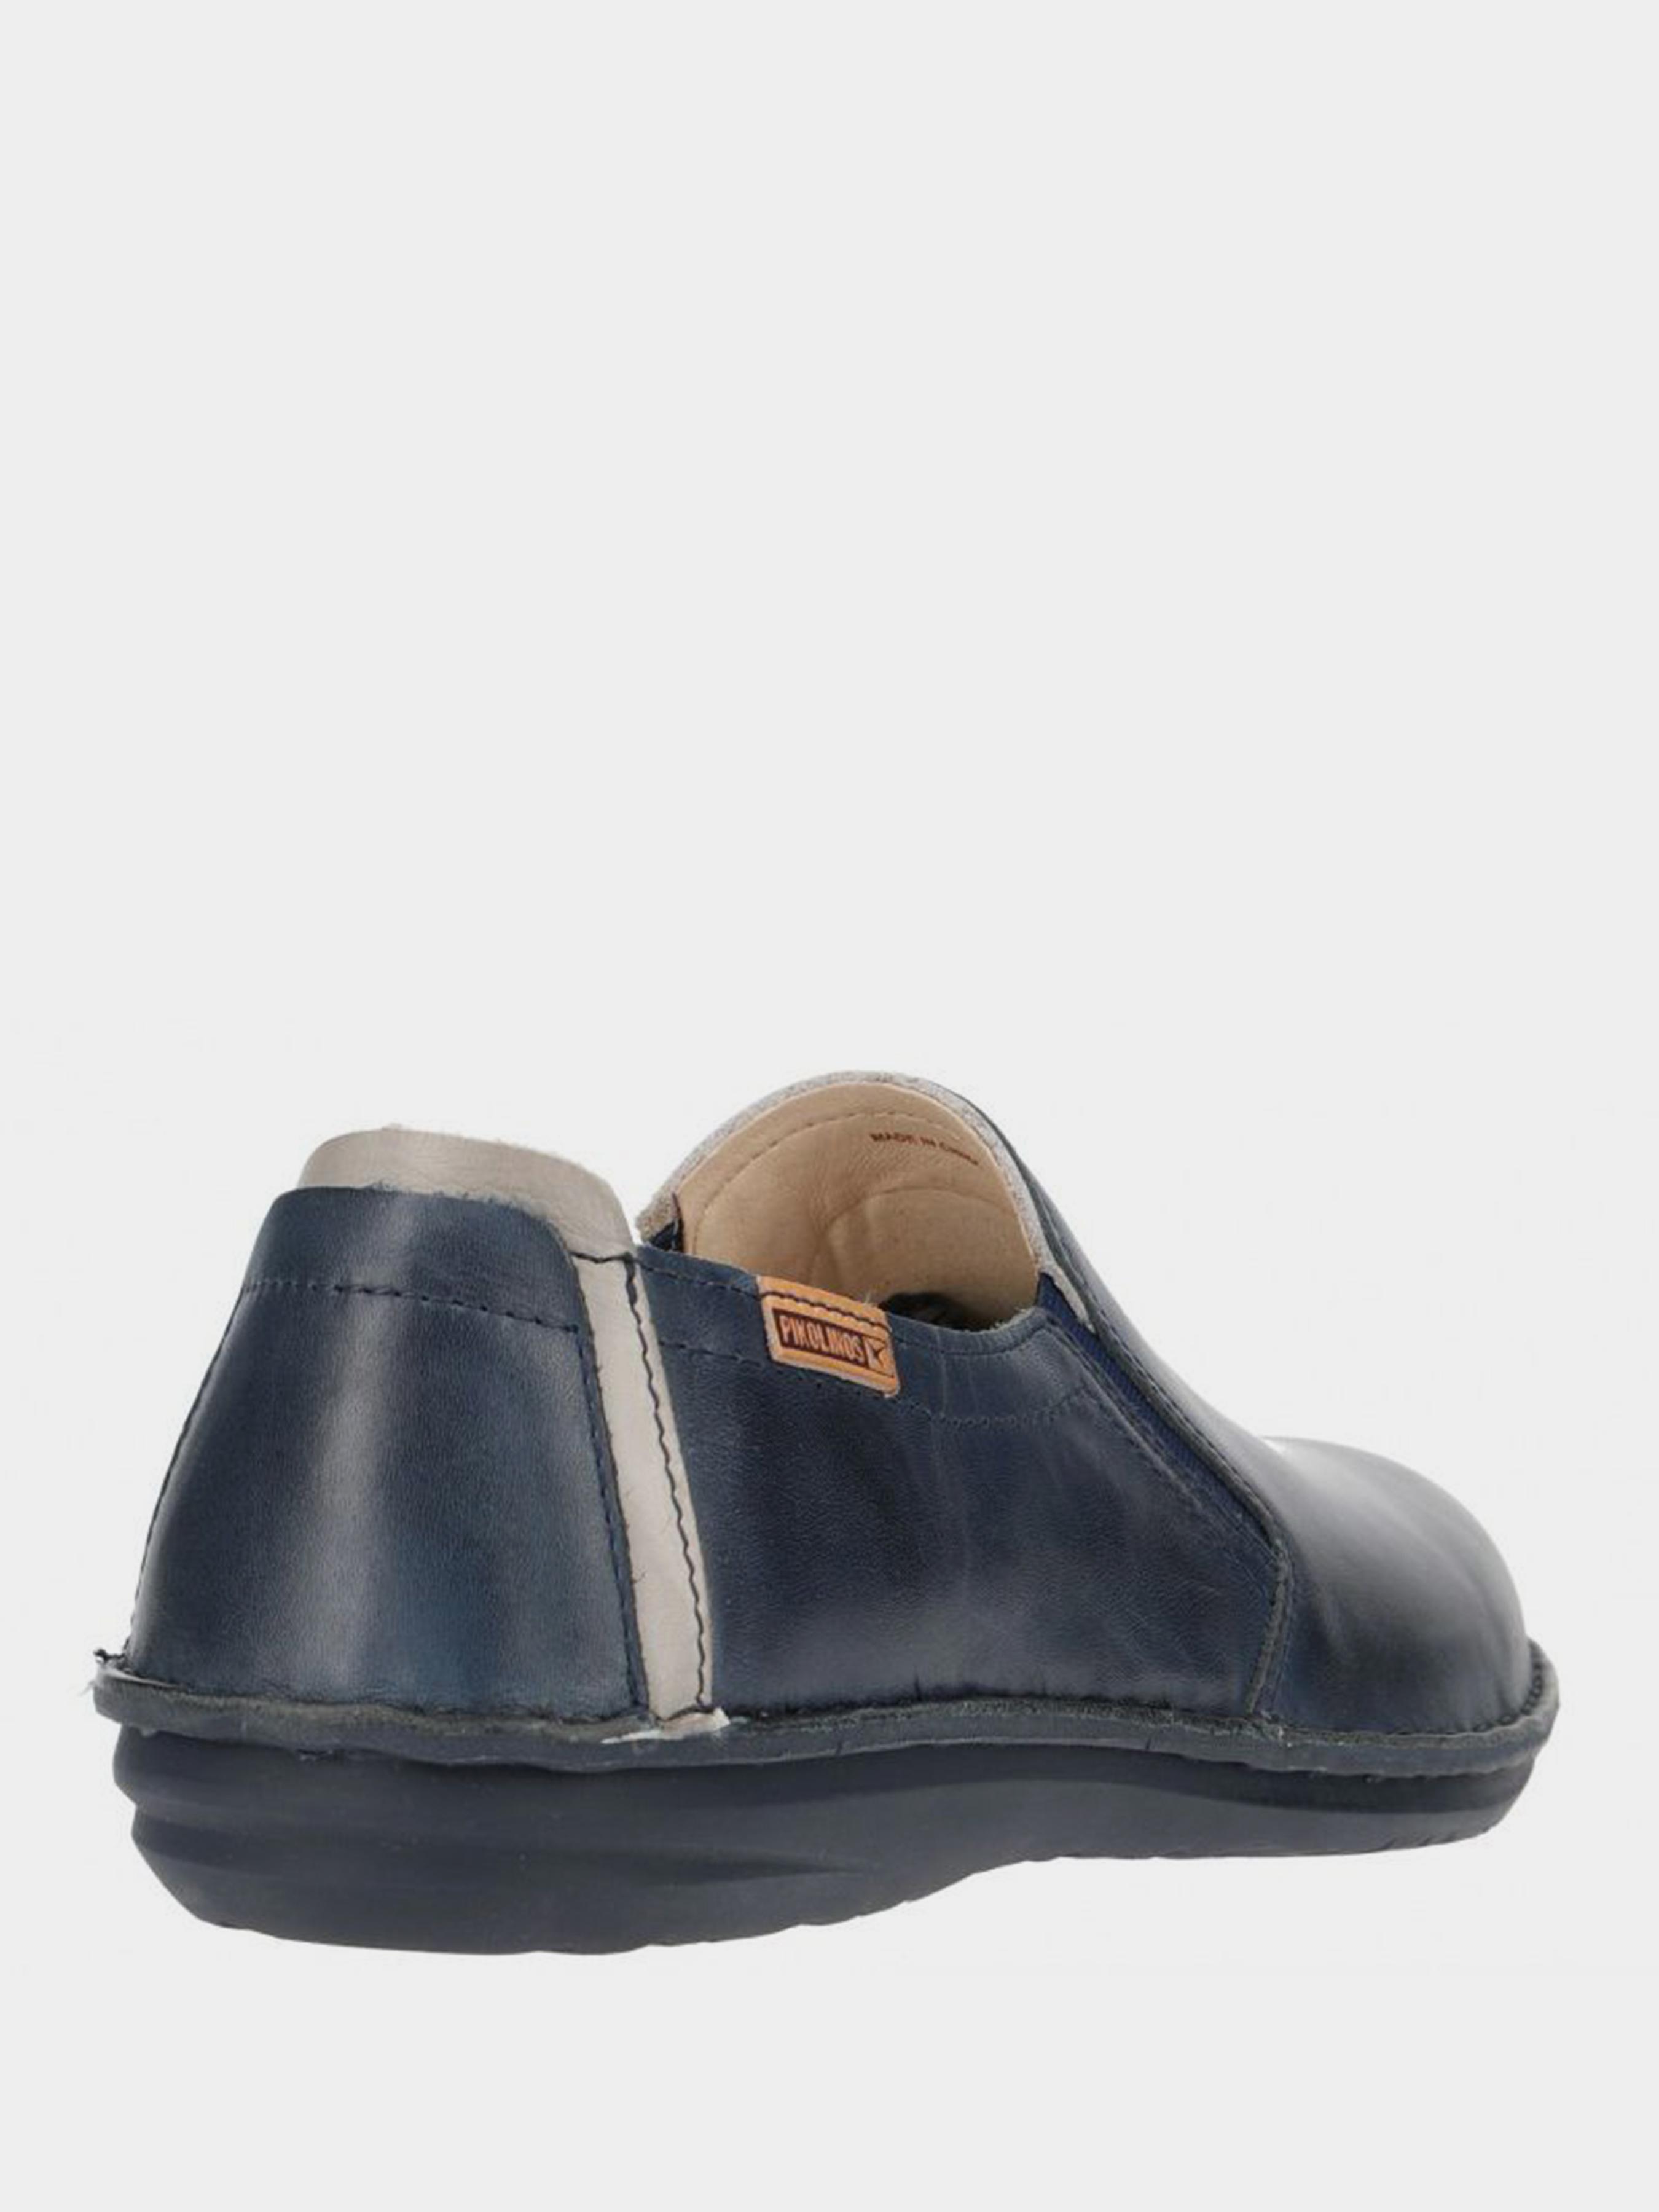 Полуботинки для мужчин PIKOLINOS SH293 купить обувь, 2017